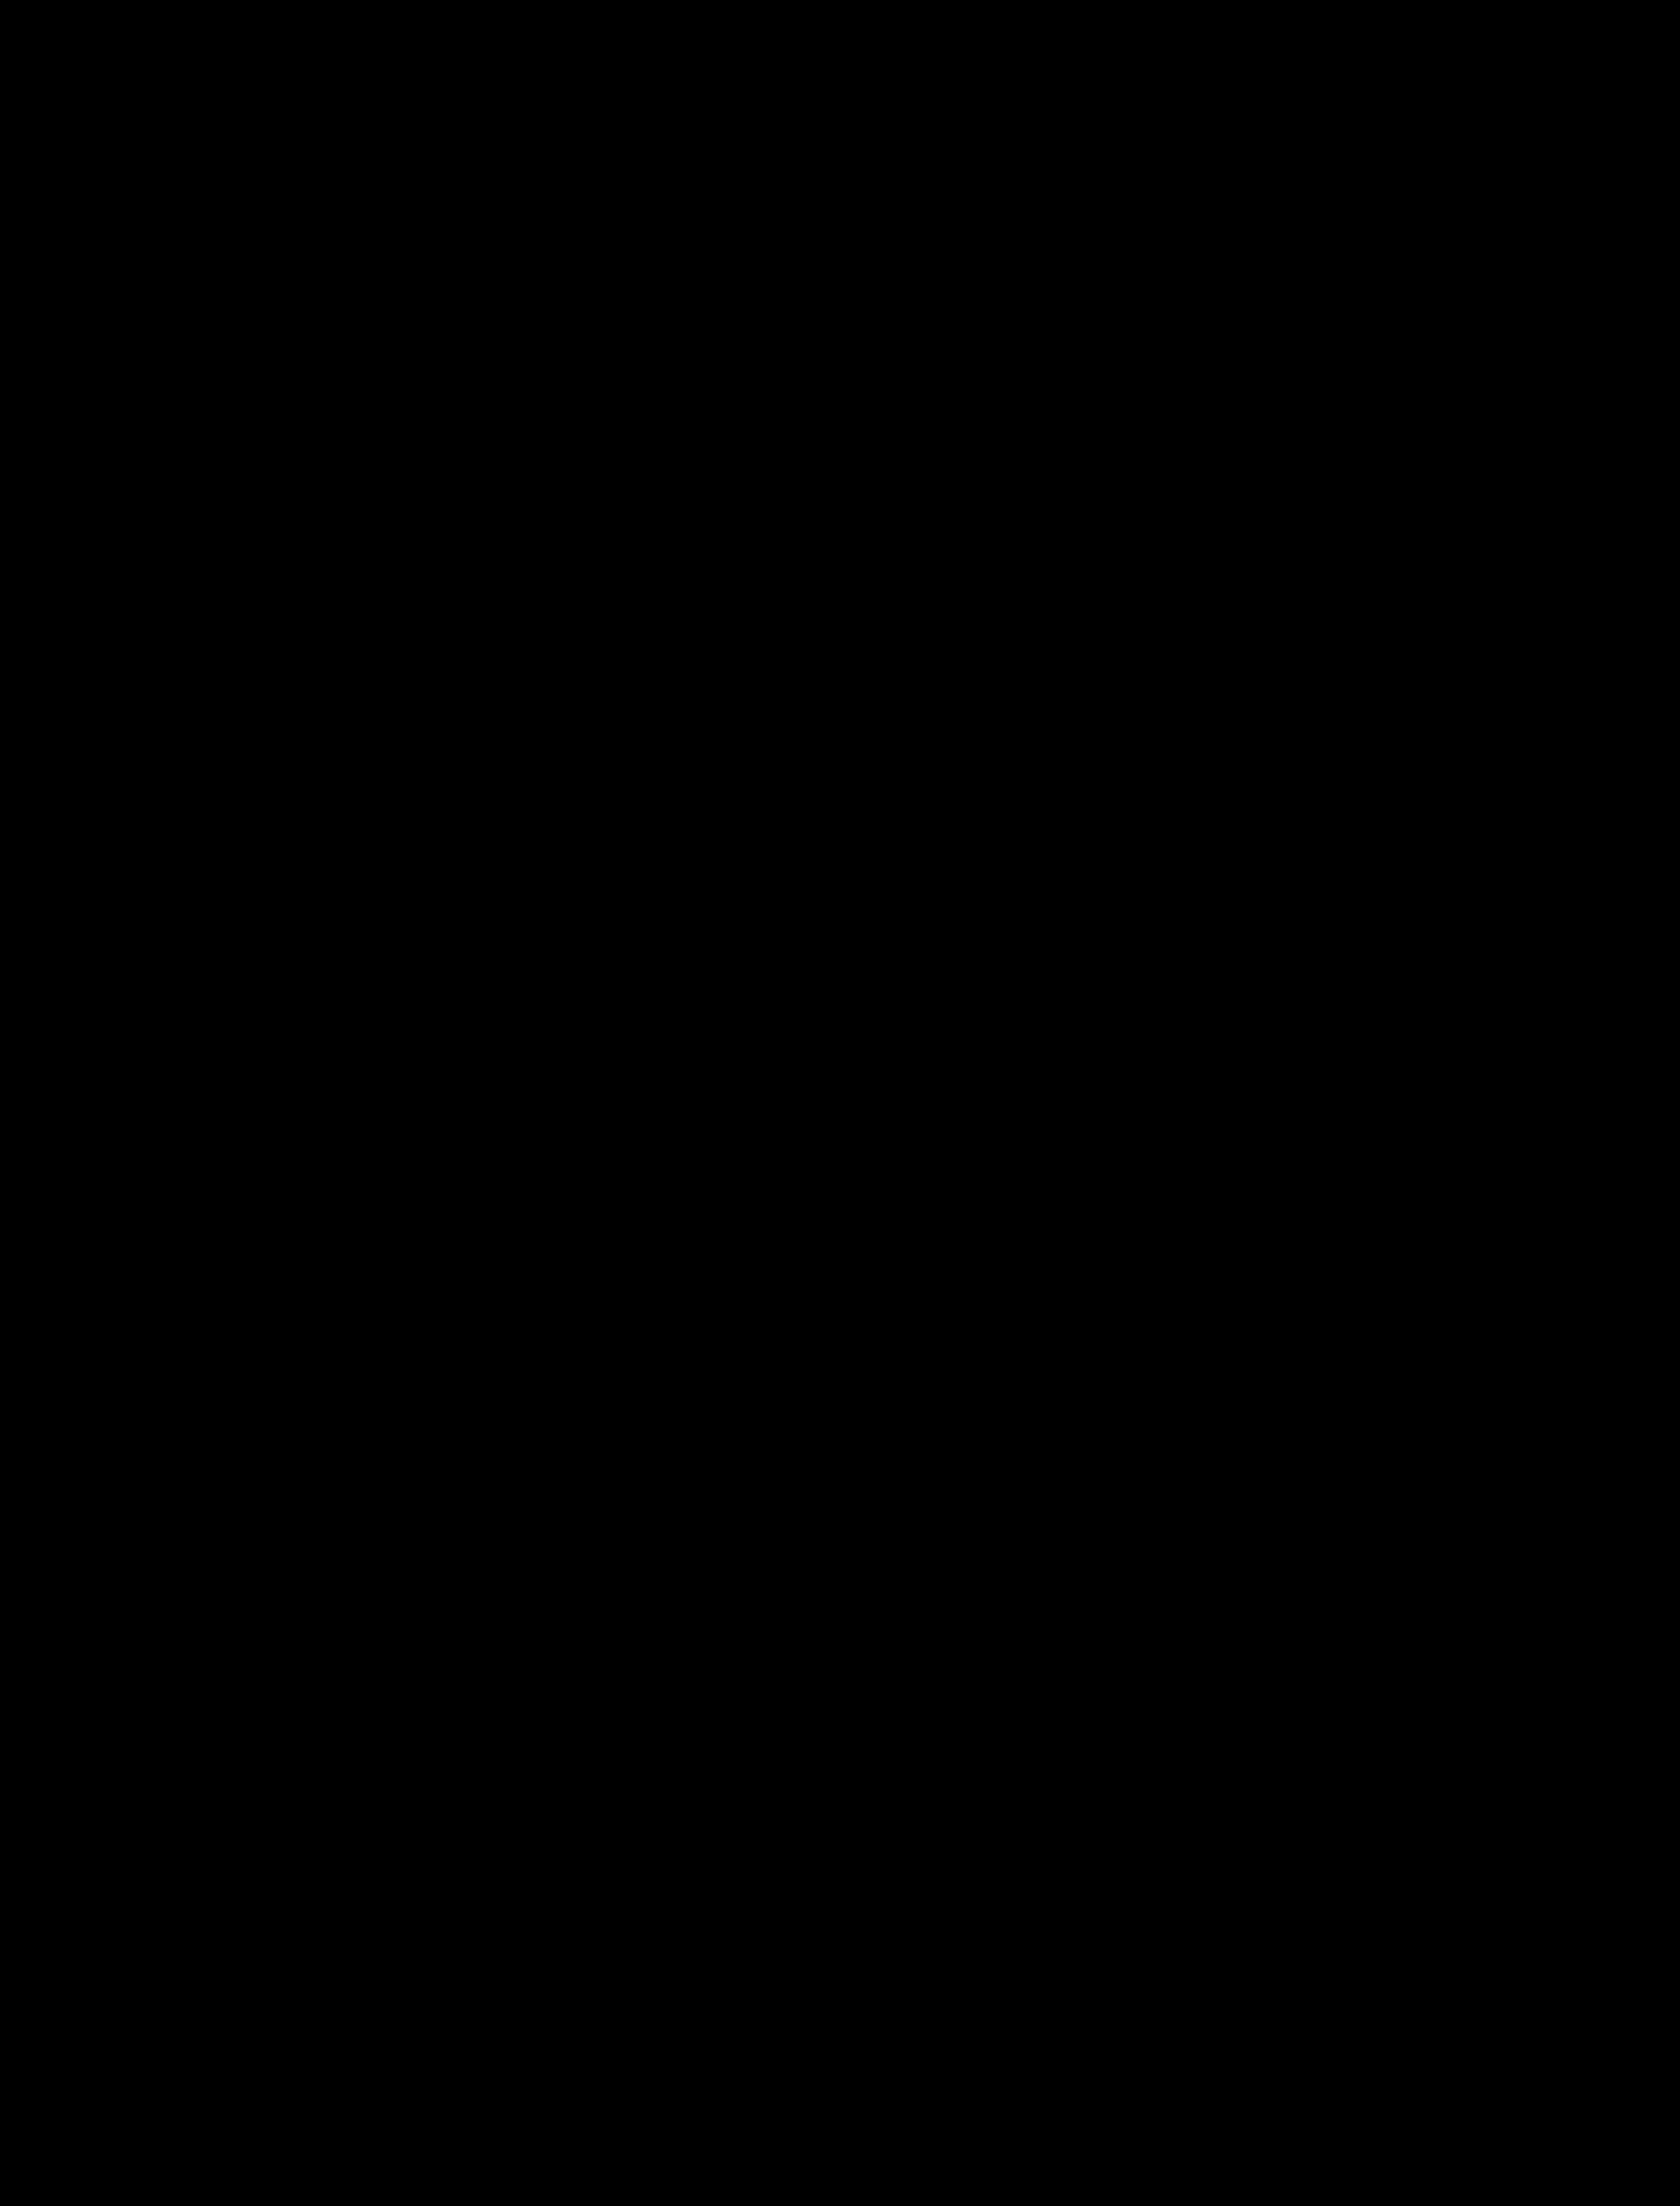 1 Stk Aufputz-Zählerverteiler 3A-21E/WIEN 3ZP, H1055B810T250mm IL160321WS